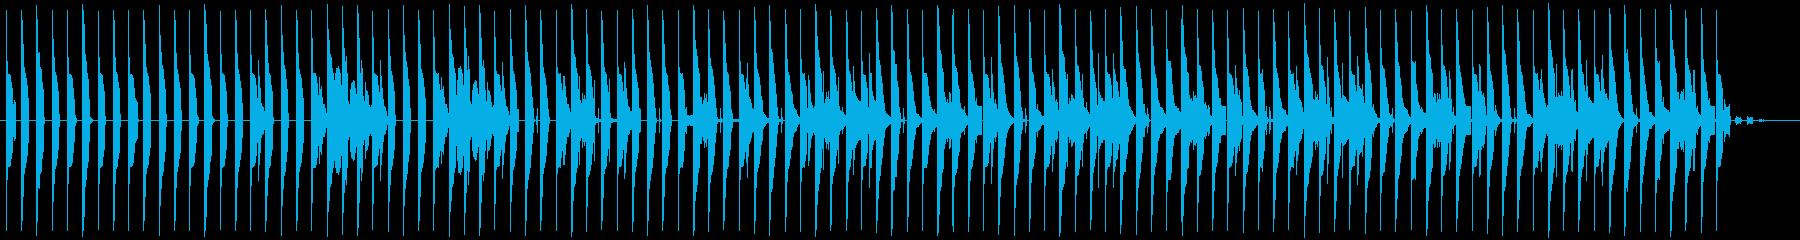 クールなアーバンダンスビートの再生済みの波形